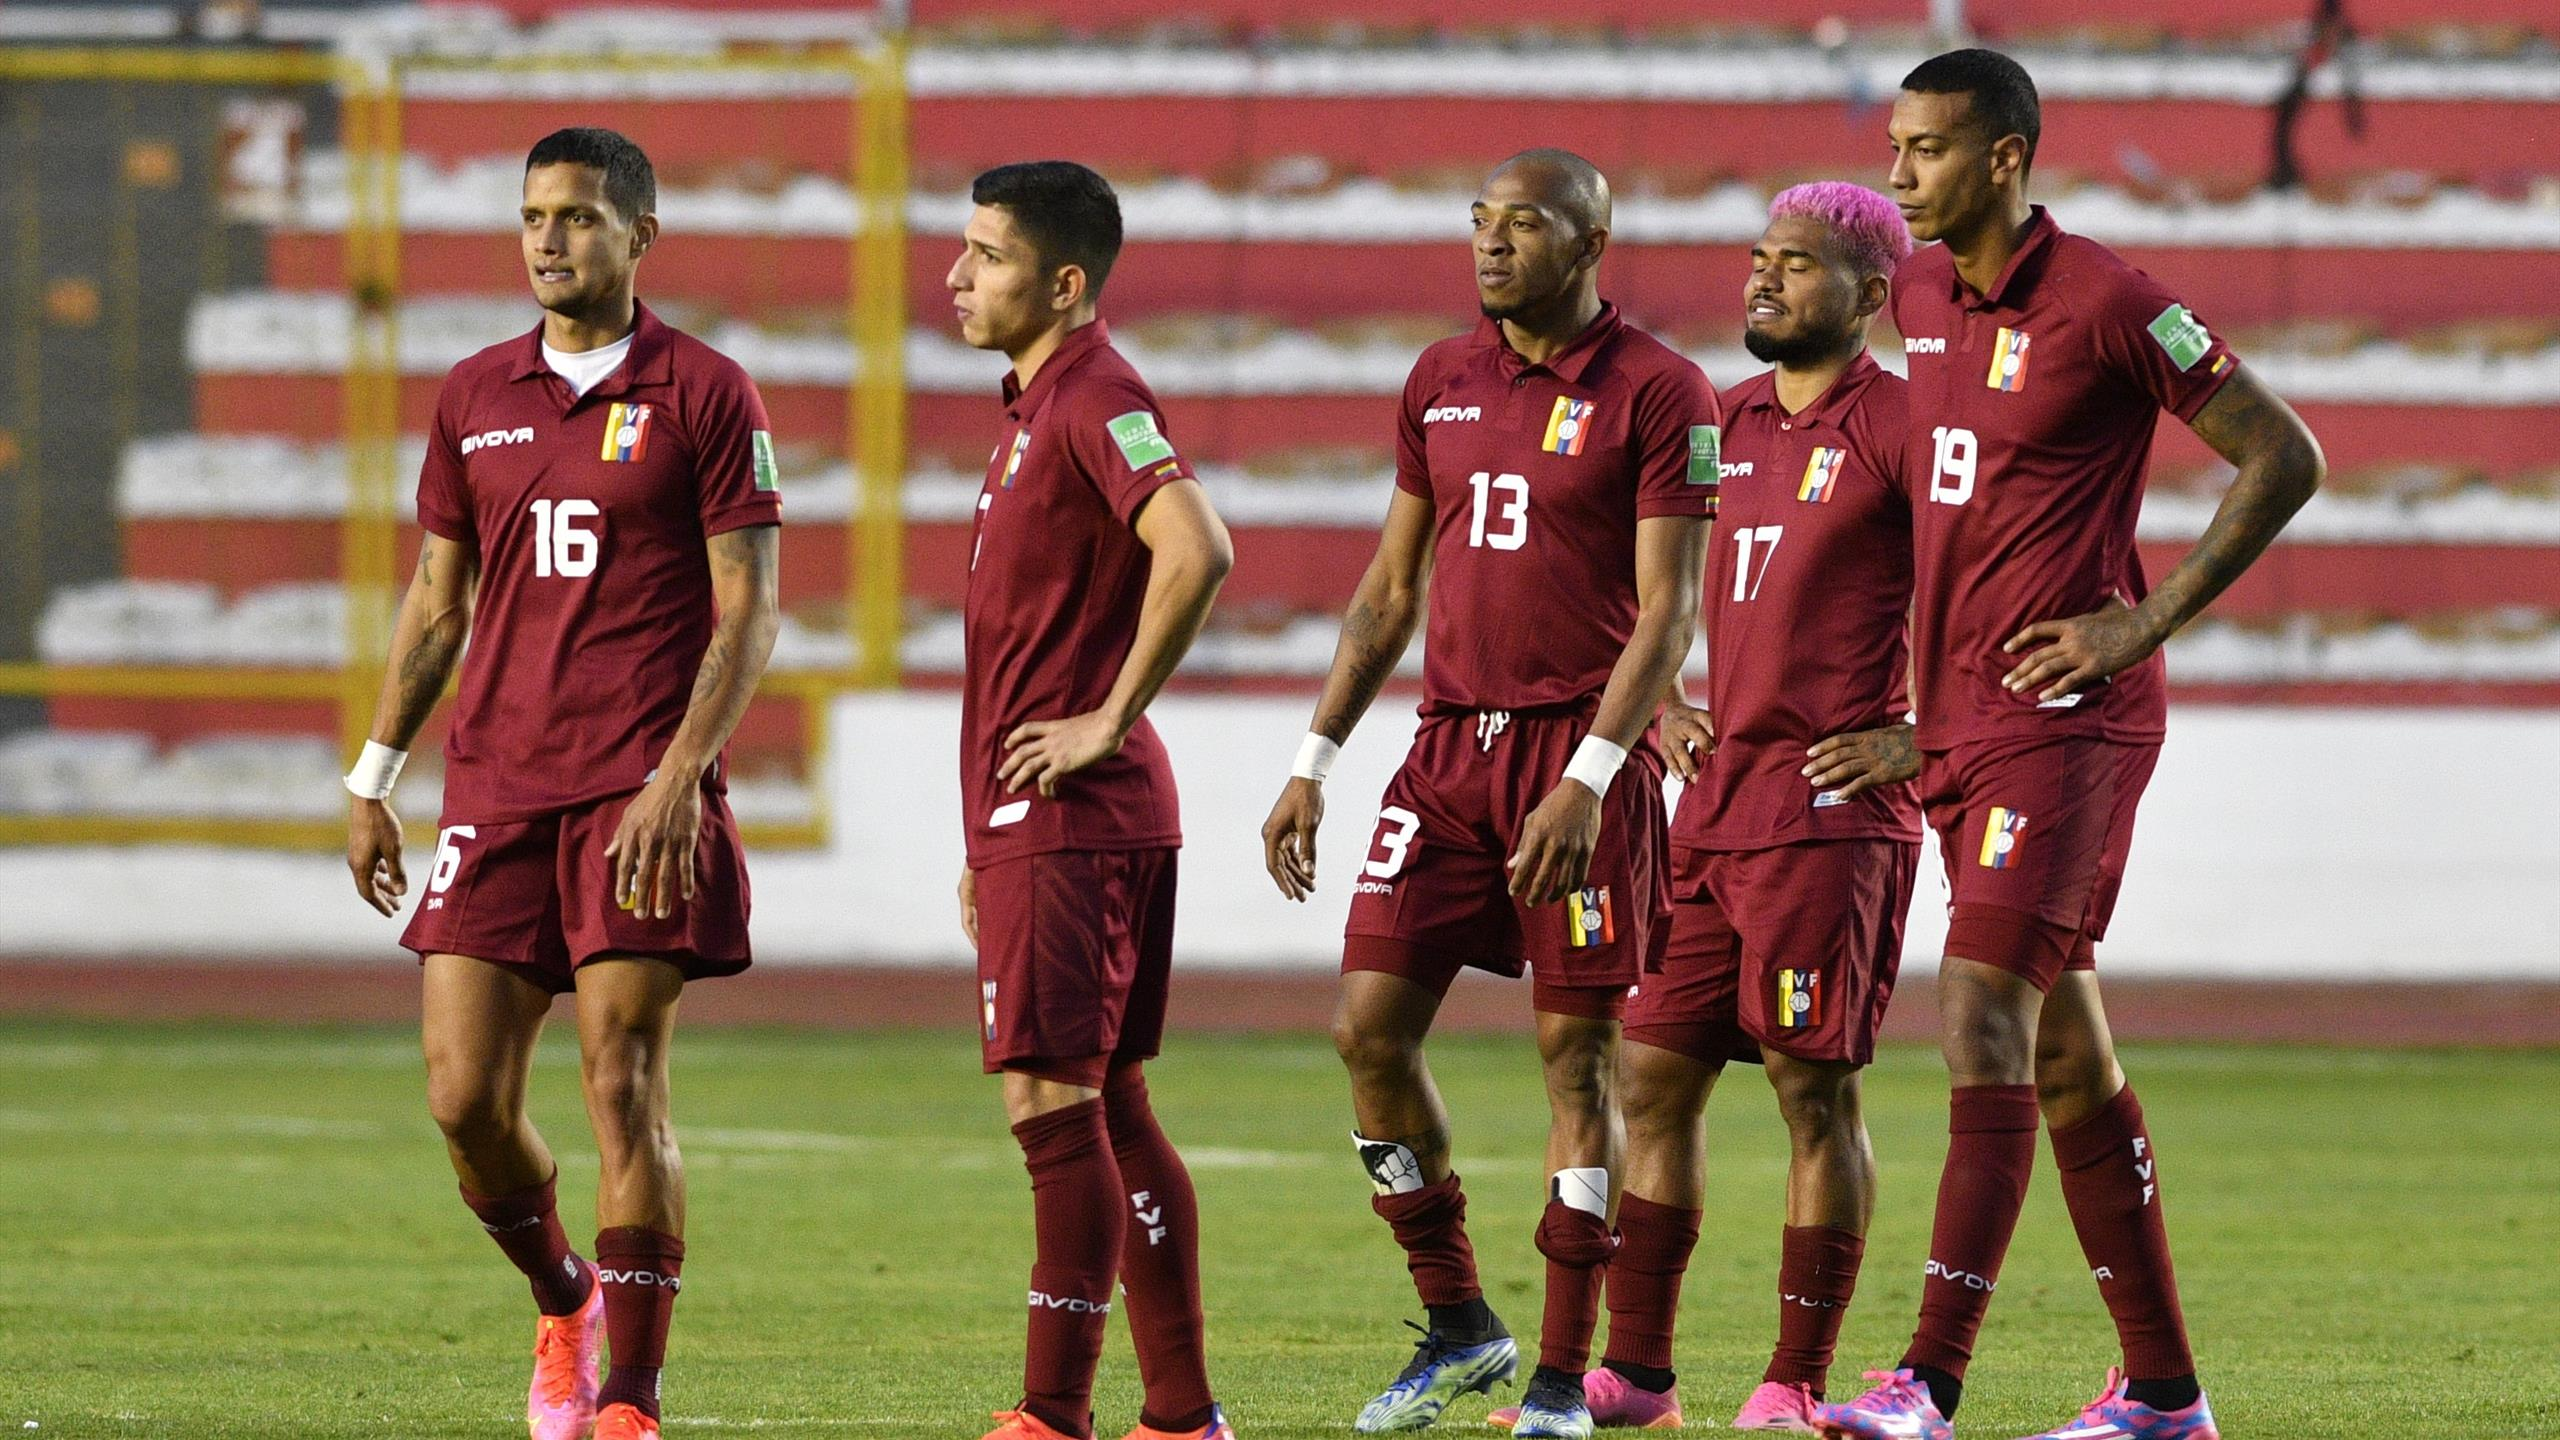 53 cas de Covid-19 détectés à la Copa America